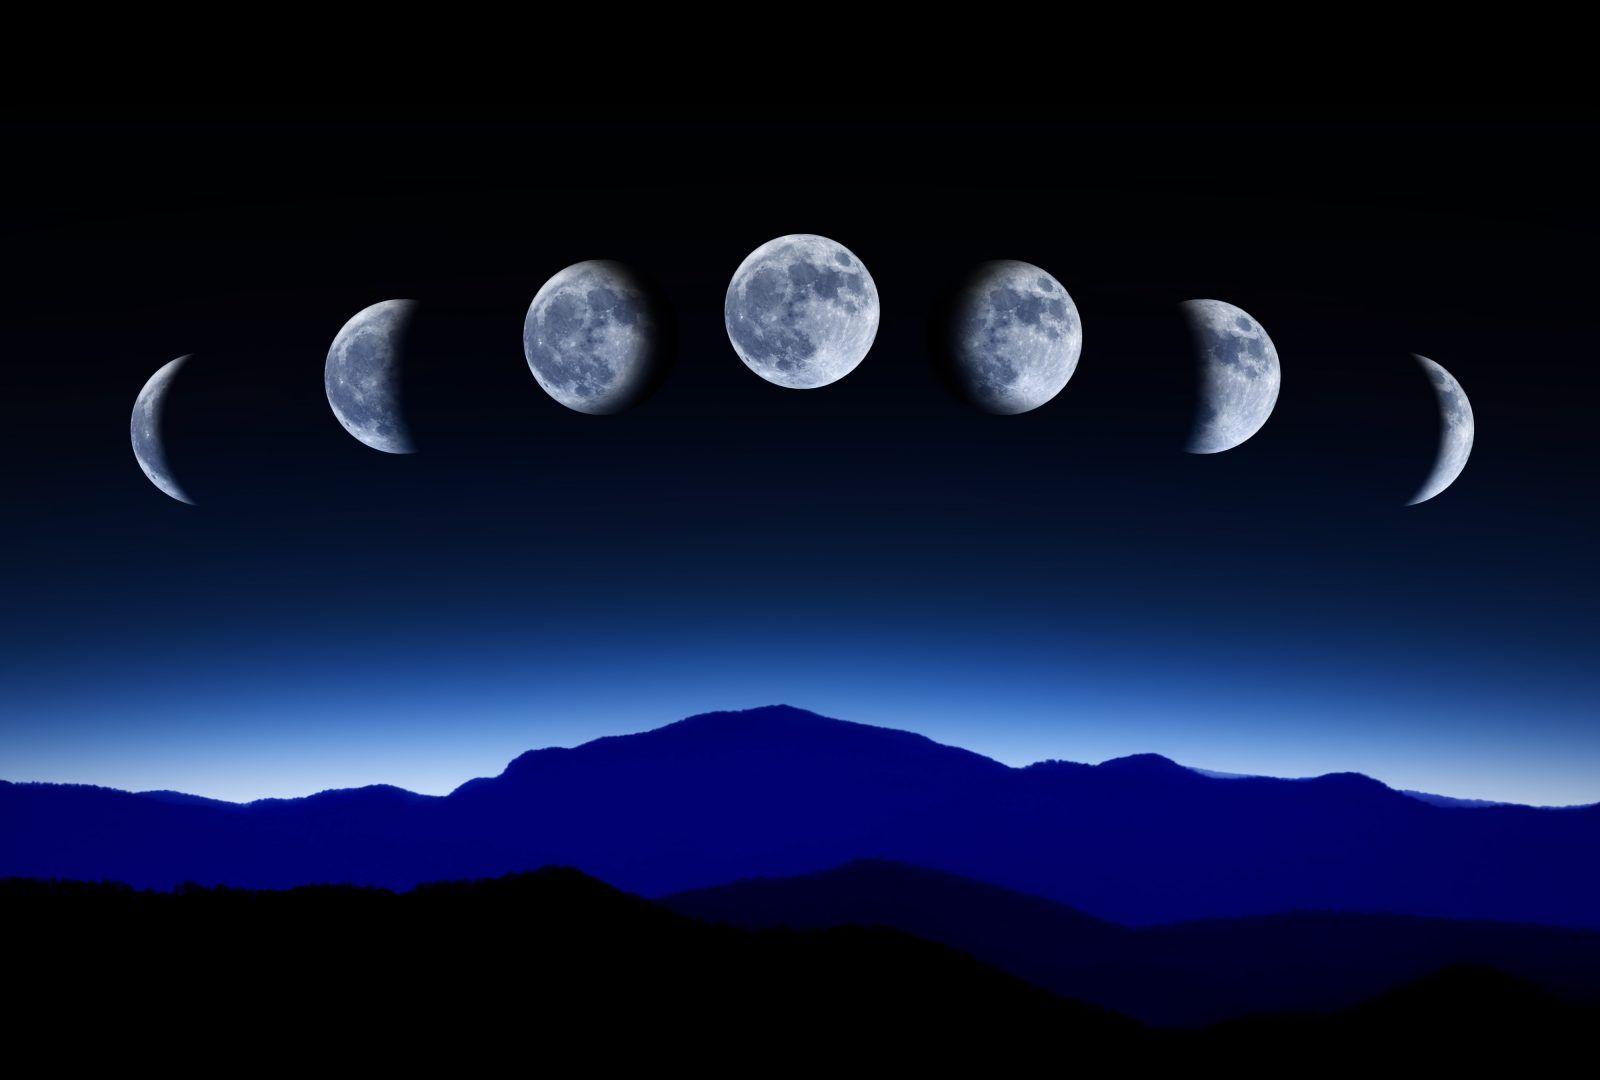 nieuwe maan, schorpioen, andreas trussat